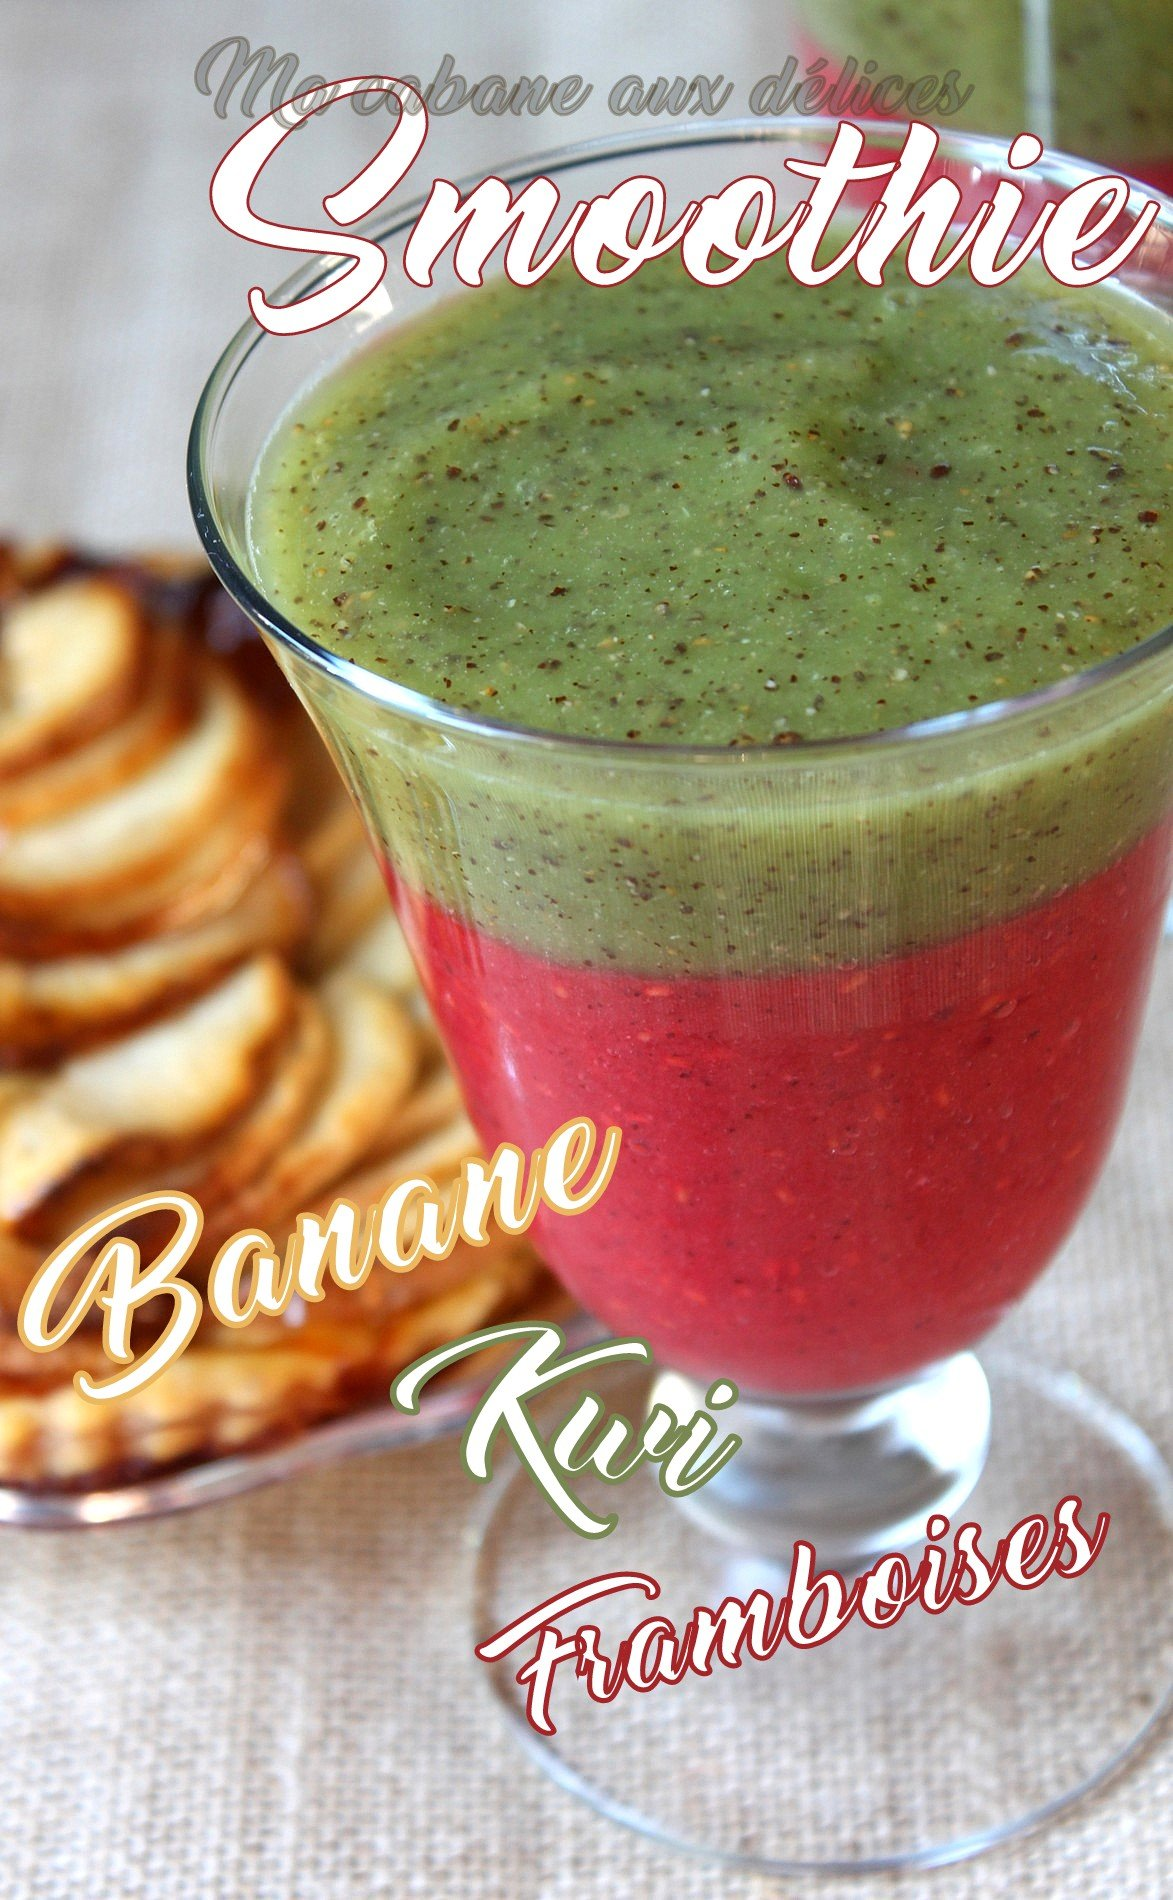 Recette smoothie banane kiwi sans sucre